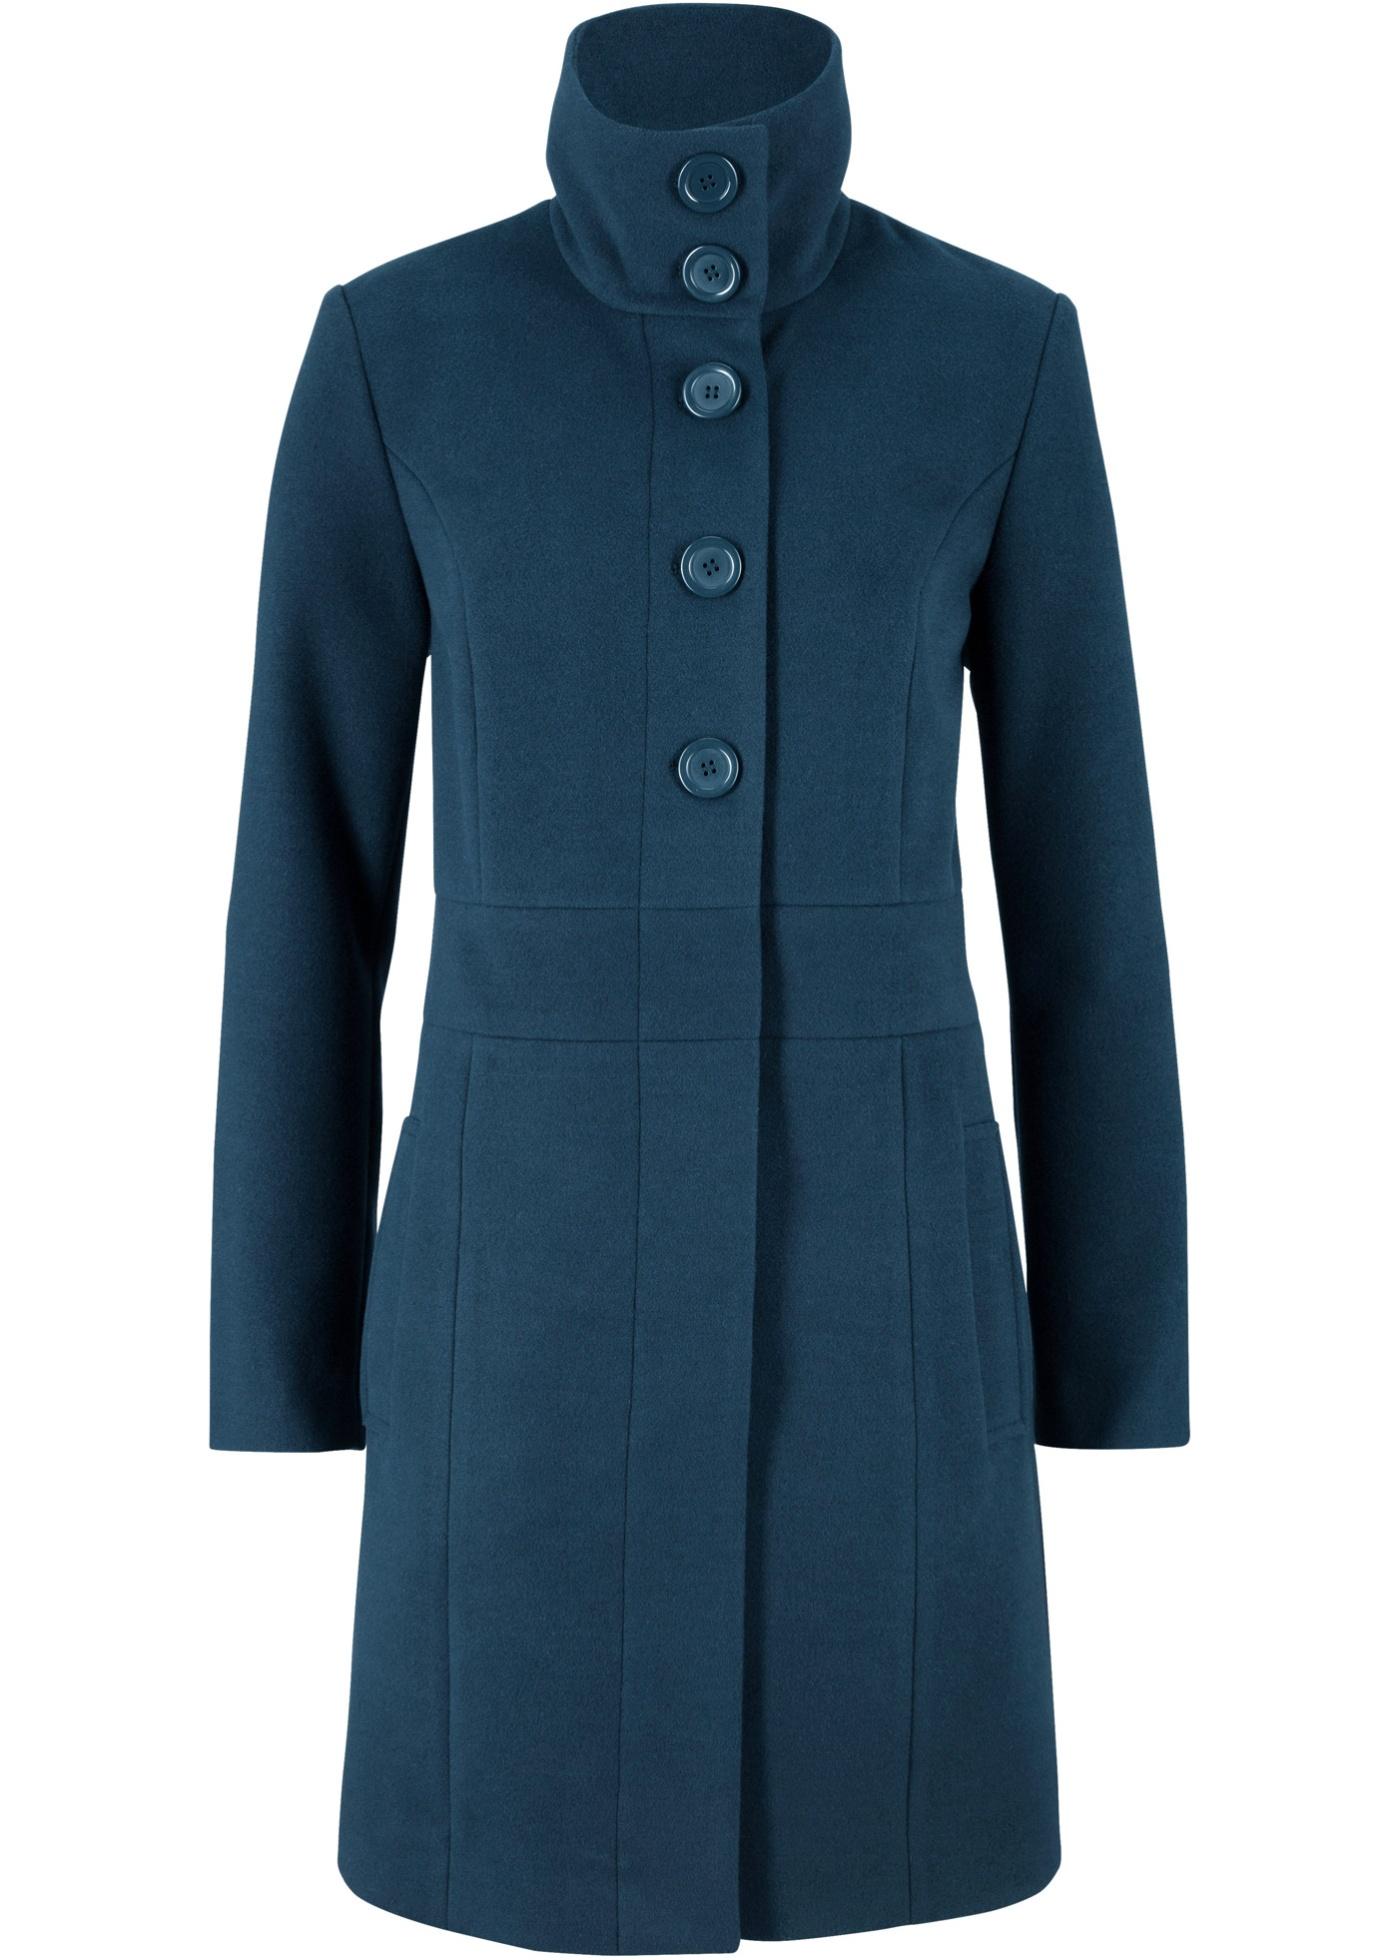 Manteau court en imitation laine